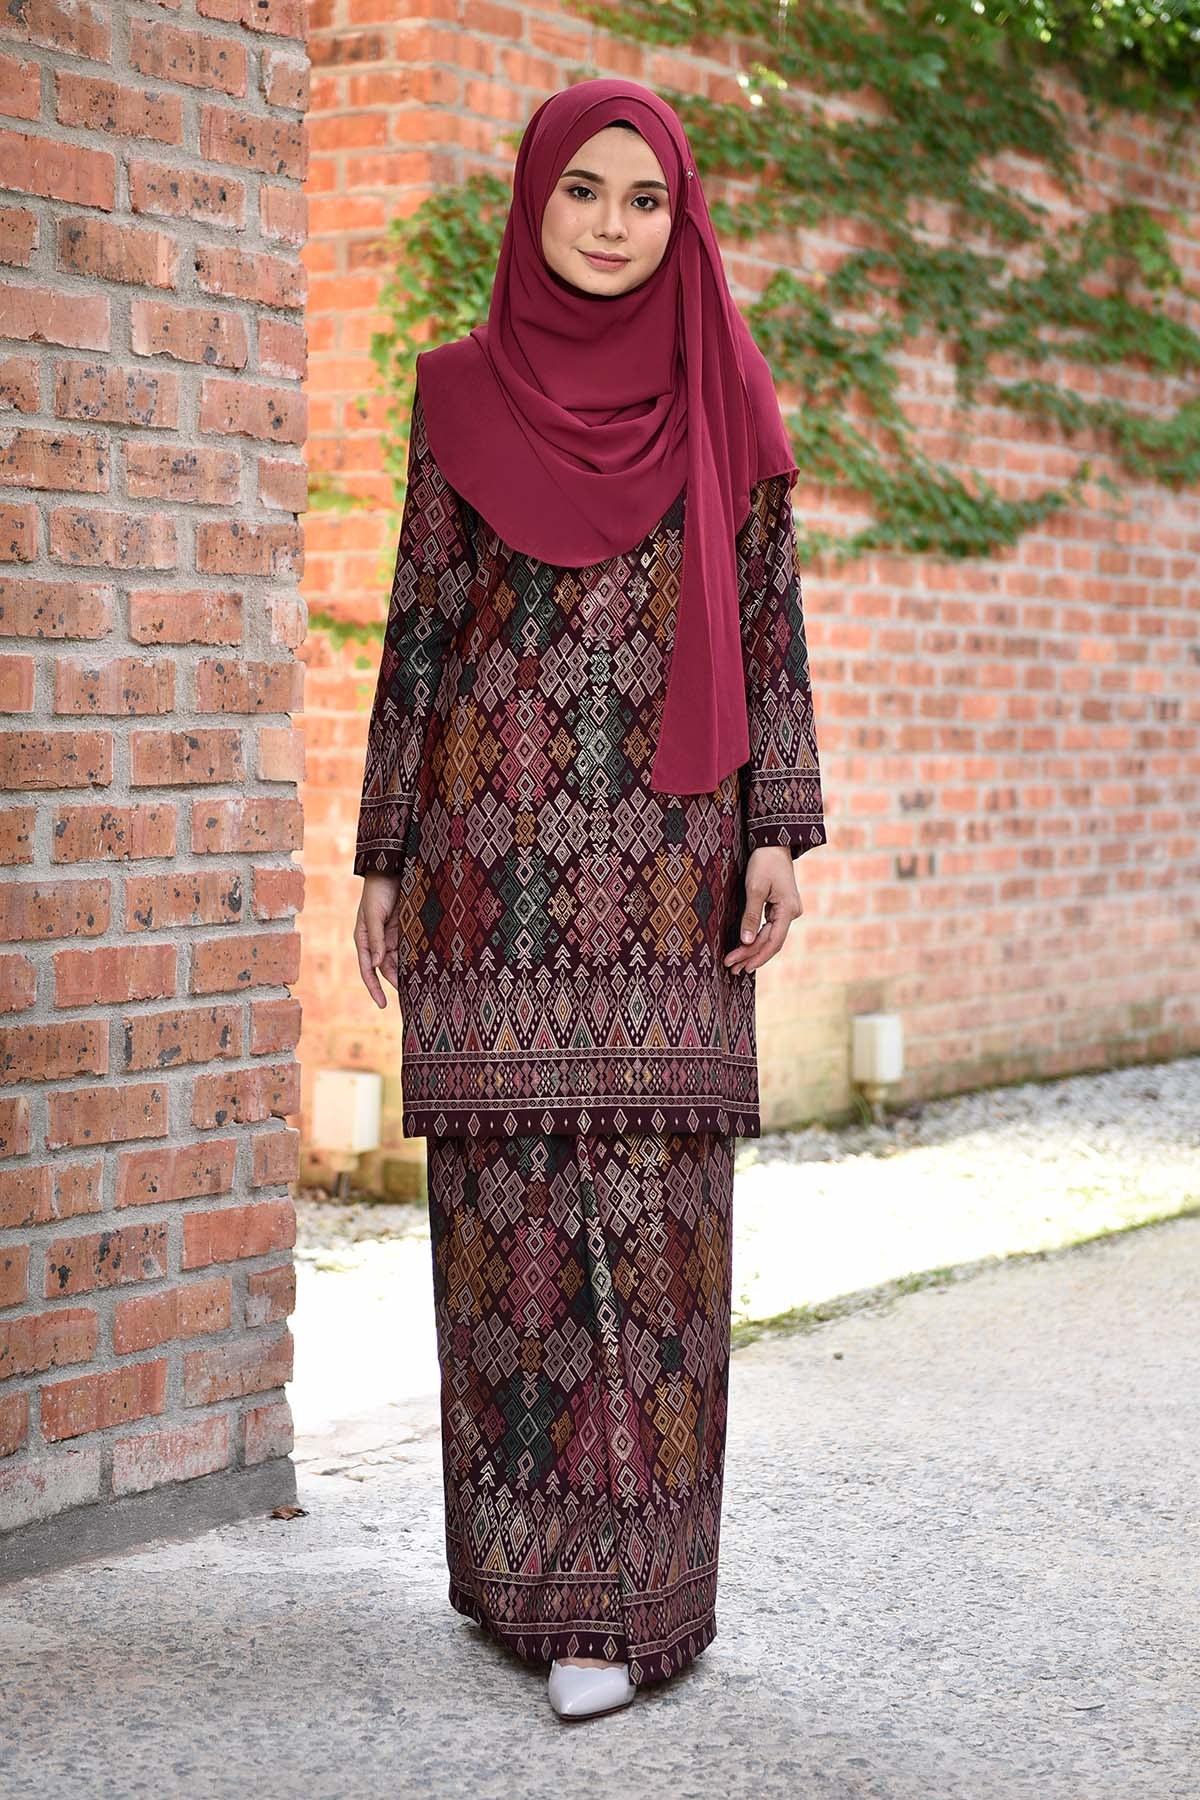 Model Model Baju Bridesmaid Hijab 2019 Bqdd Baju Kurung songket Luella Deep Maroon